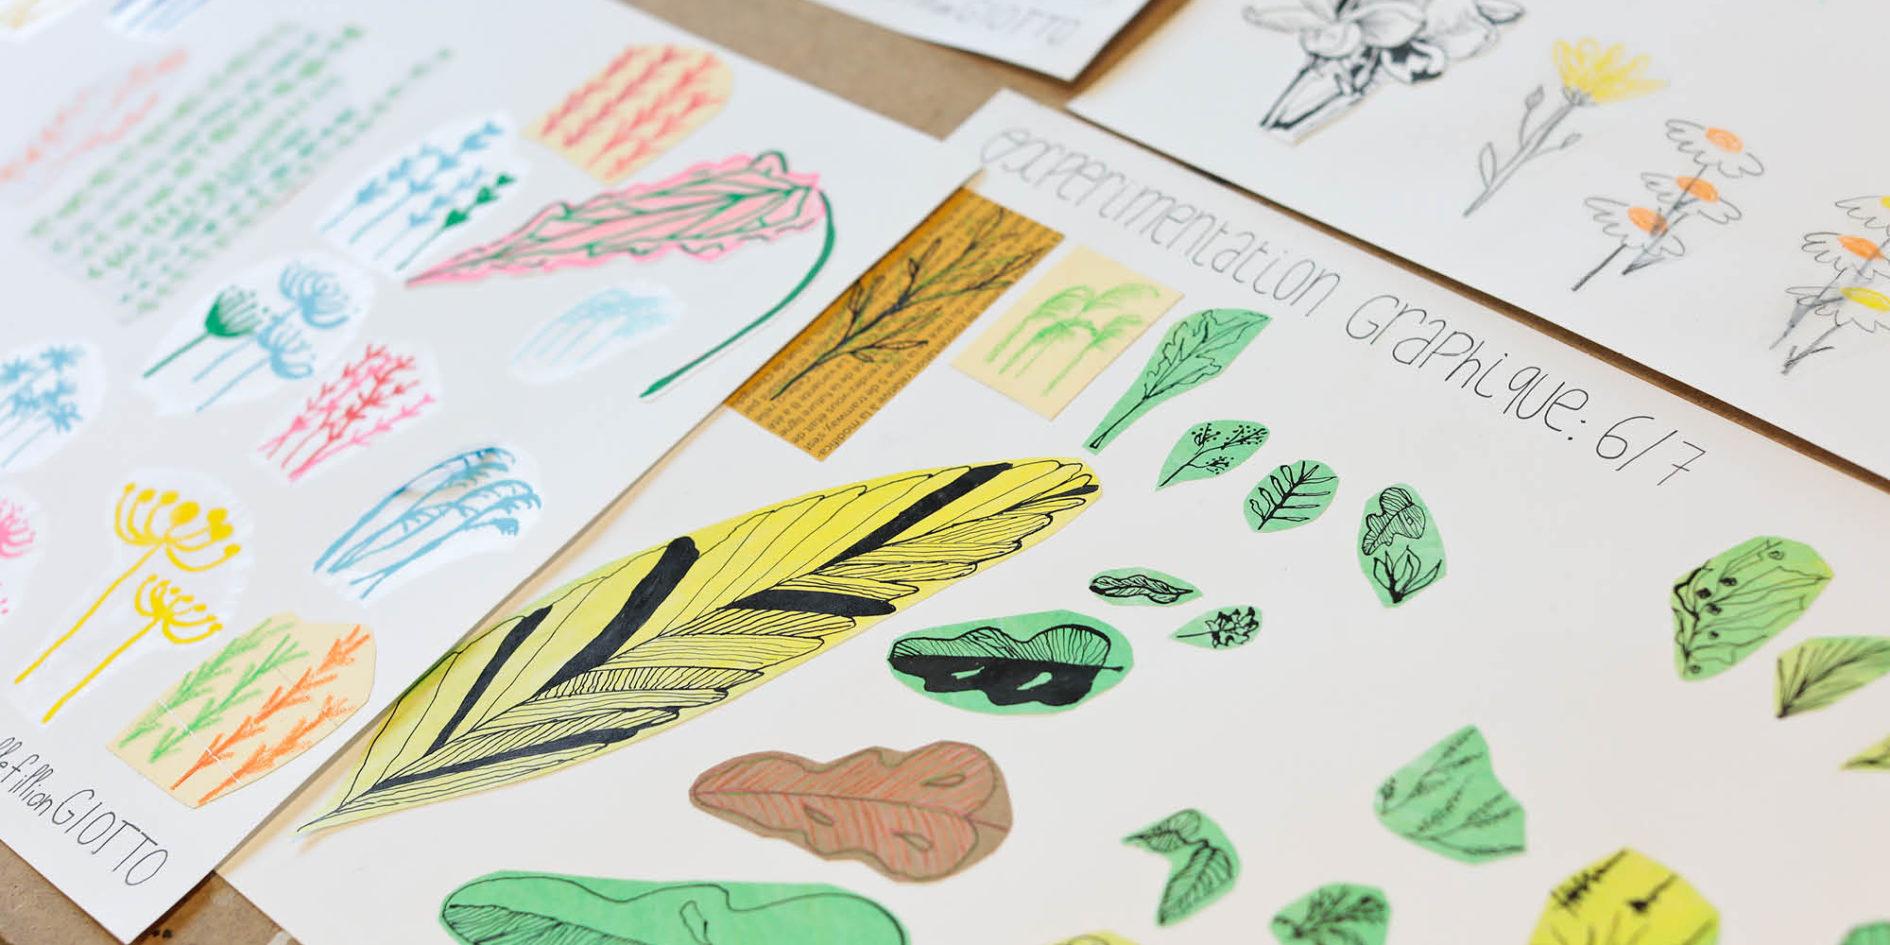 travaux design graphique esma montpellier